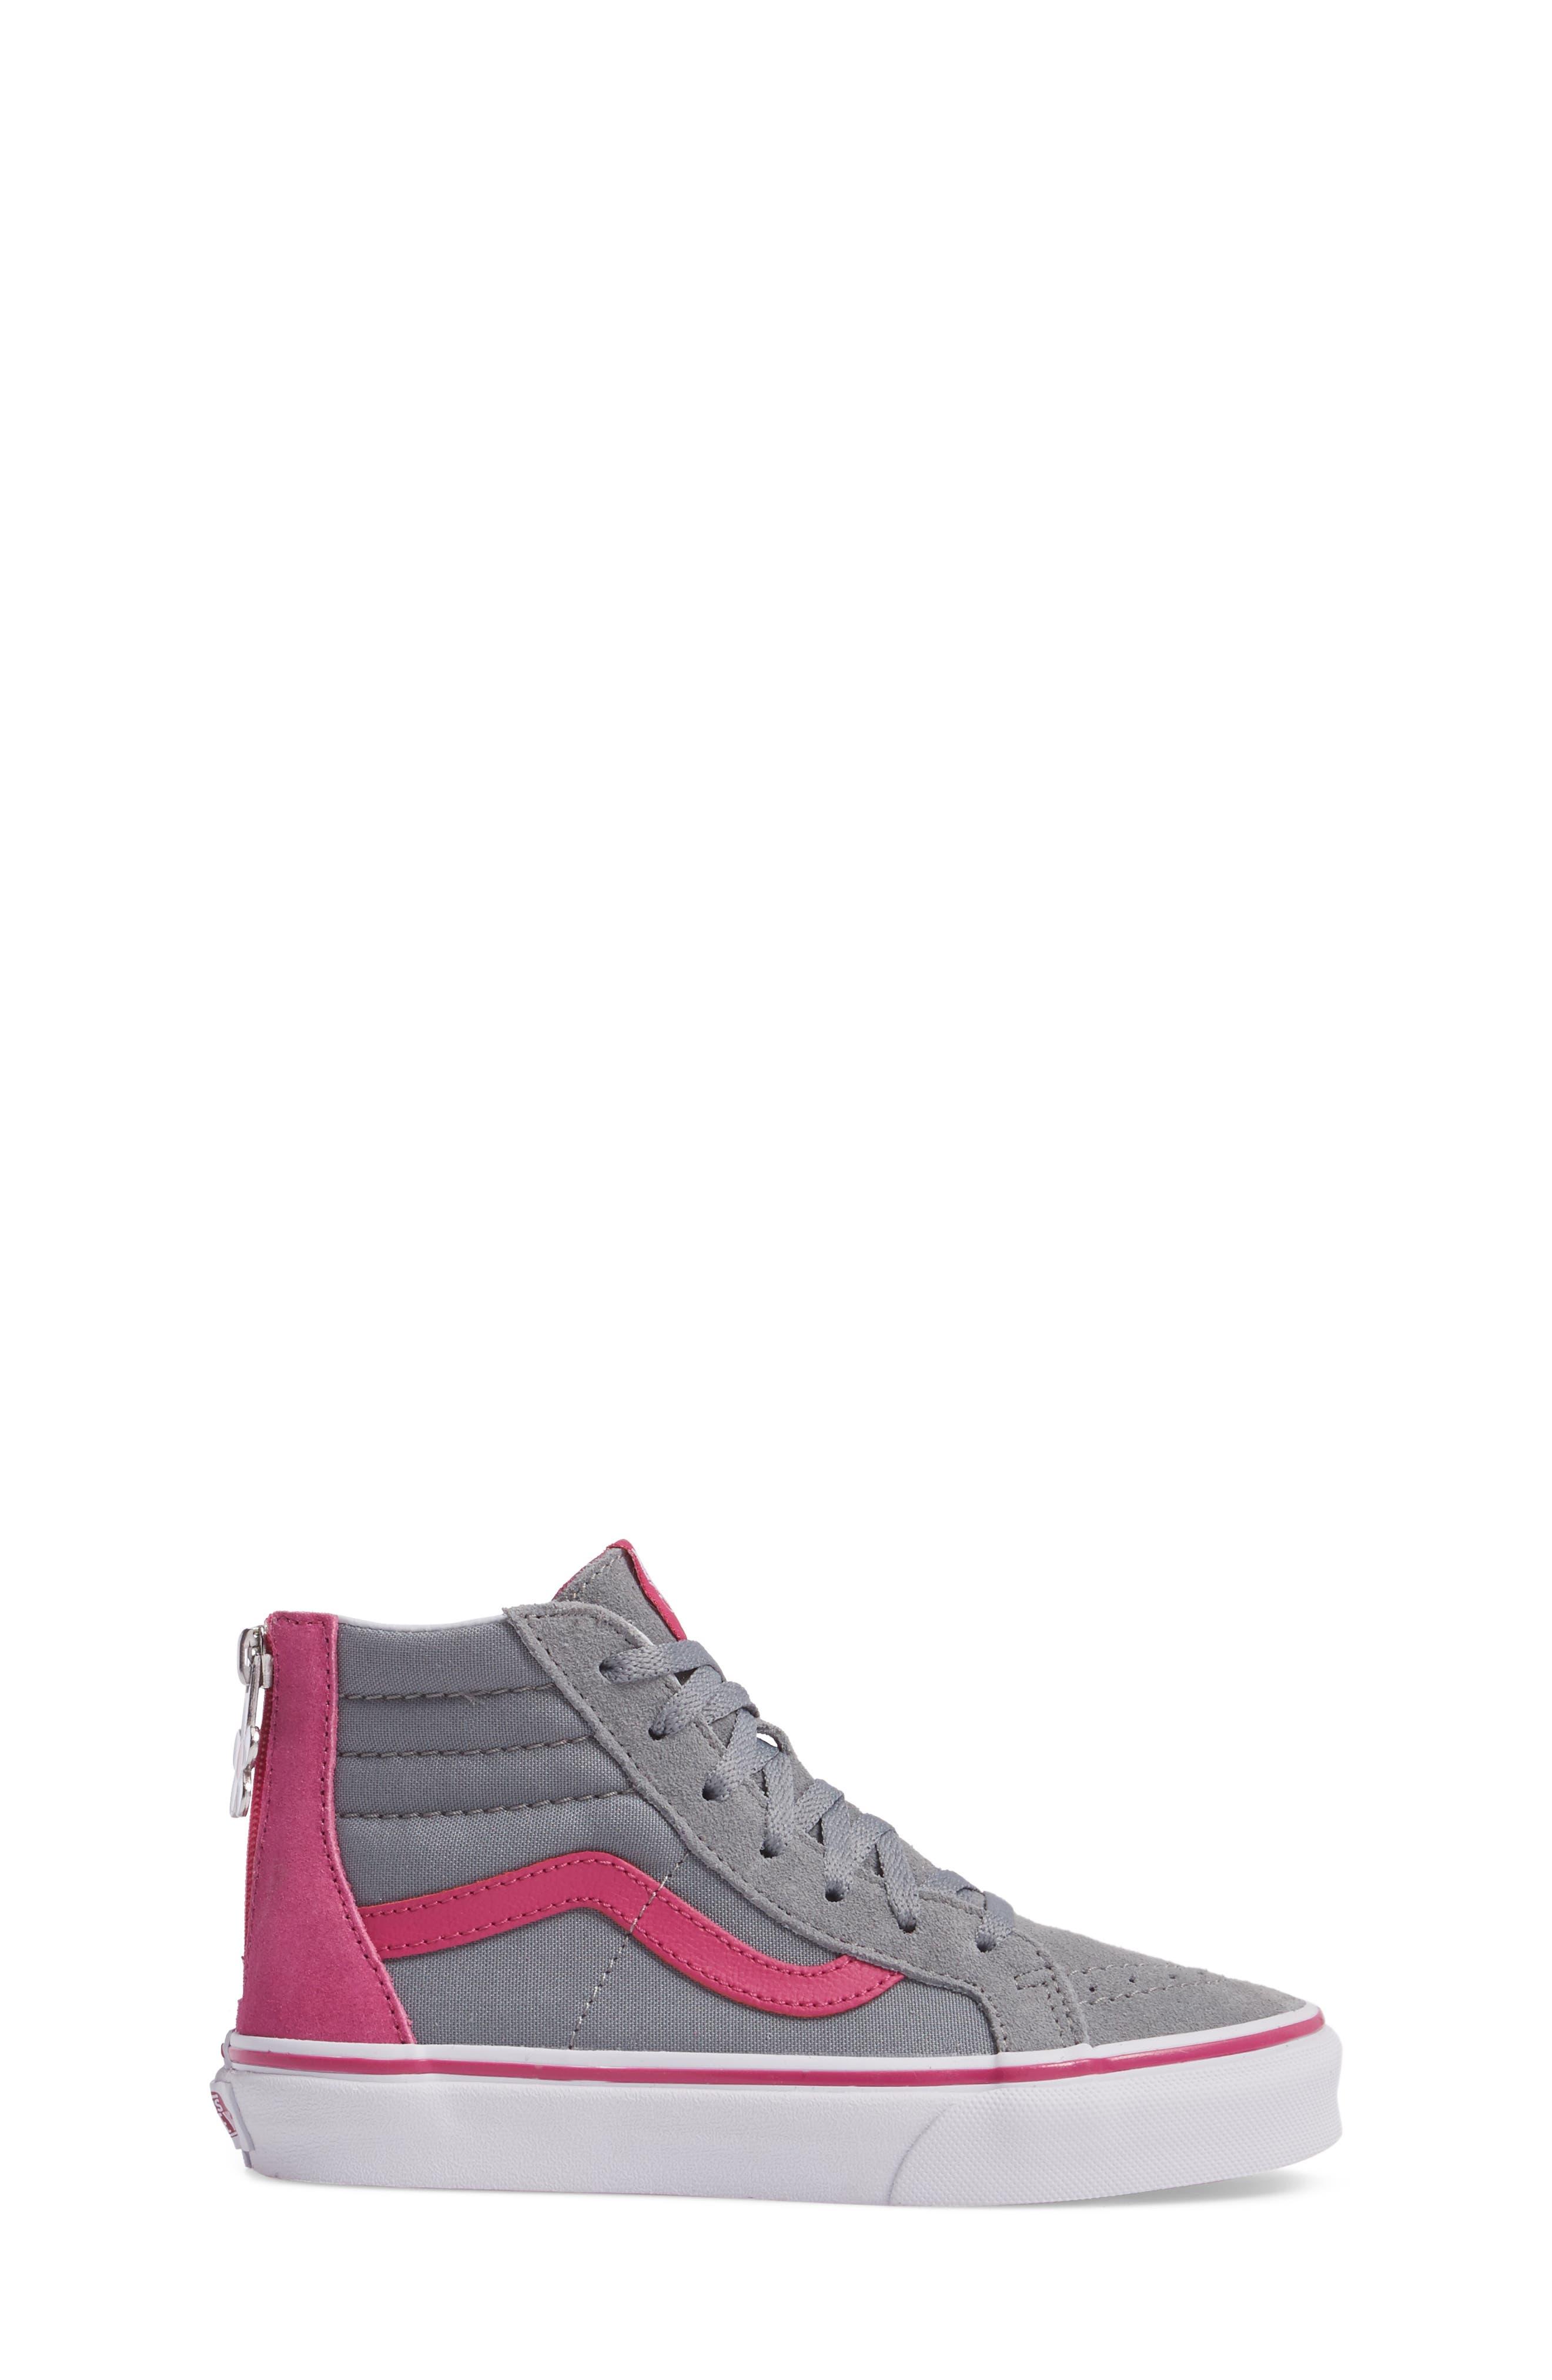 SK8-Hi Zip-Up Sneaker,                             Alternate thumbnail 3, color,                             650